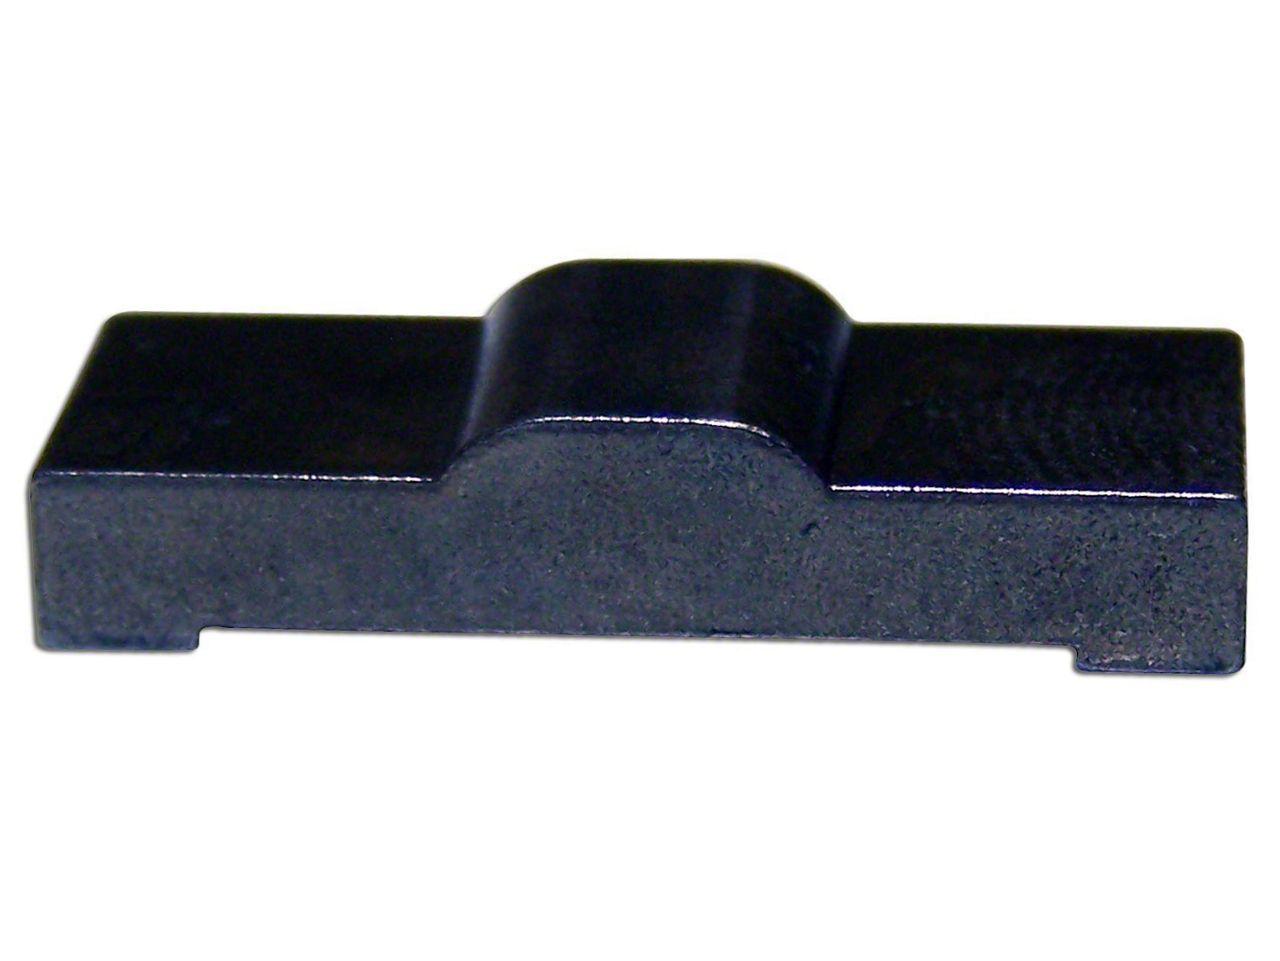 AX4/AX5 Transmission 1st & 2nd Gear Synchronizer Key (87-02 Jeep Wrangler YJ & TJ)